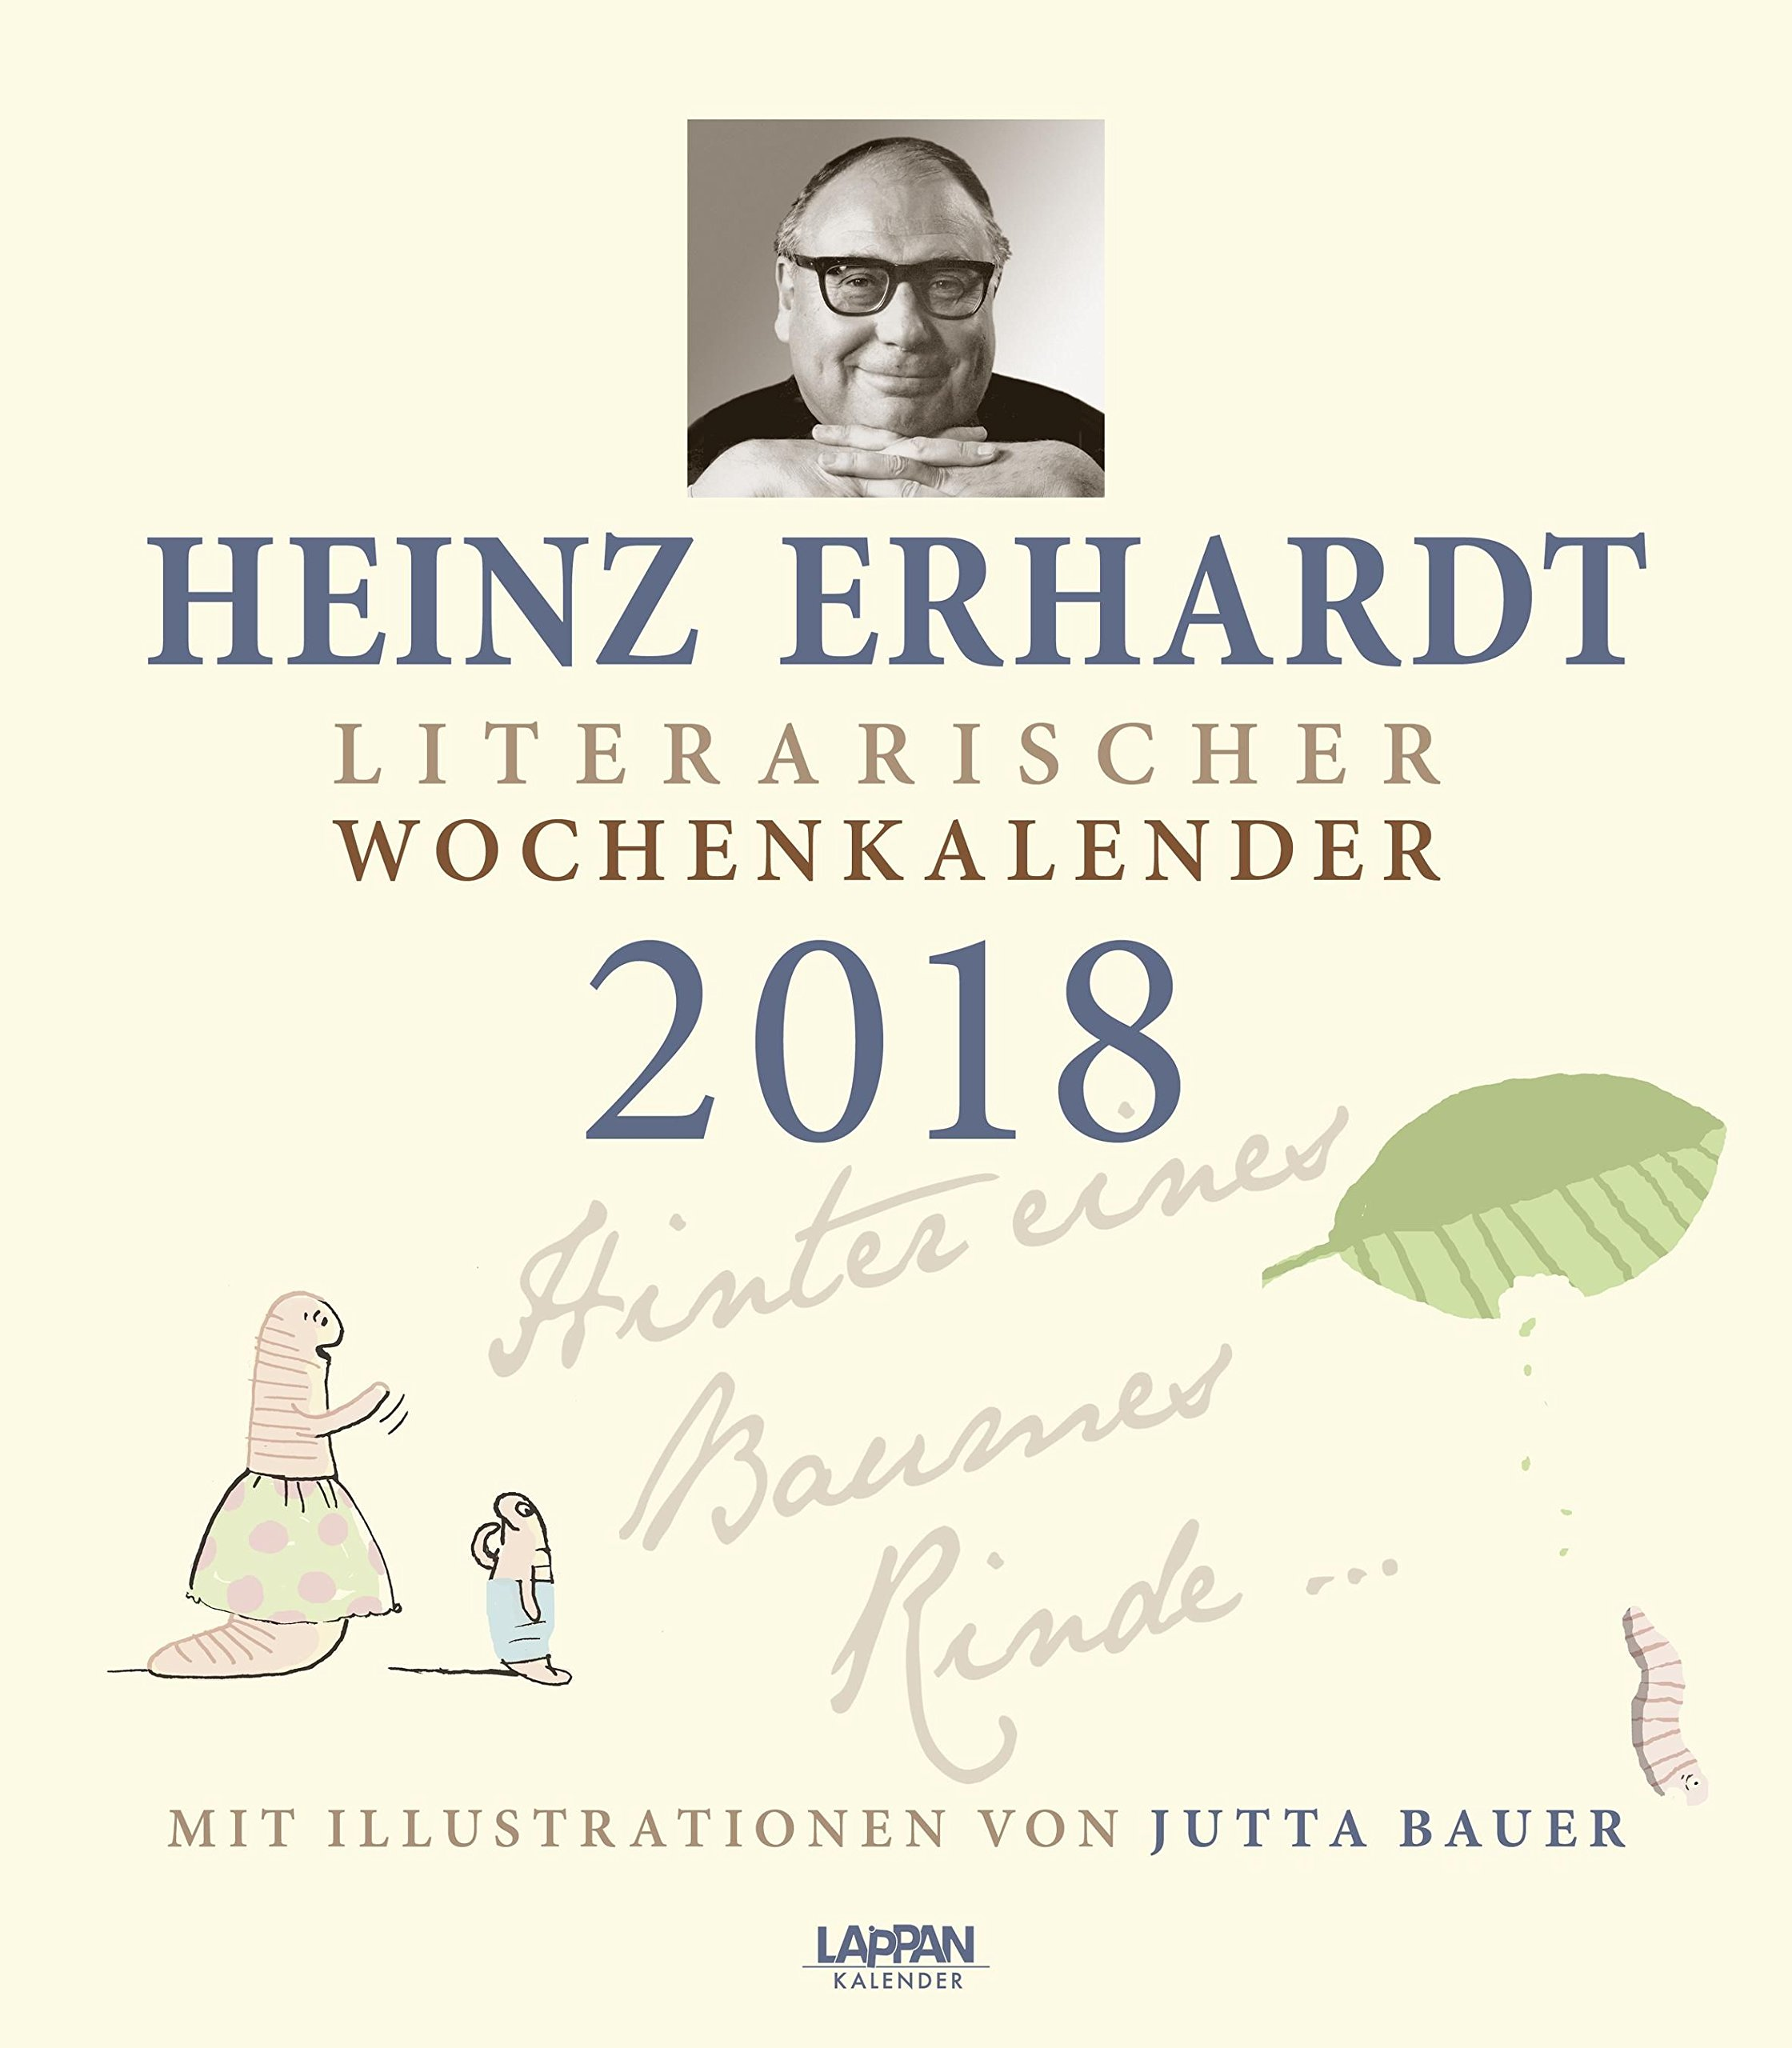 Heinz Erhardt – Literarischer Wochenkalender 2018